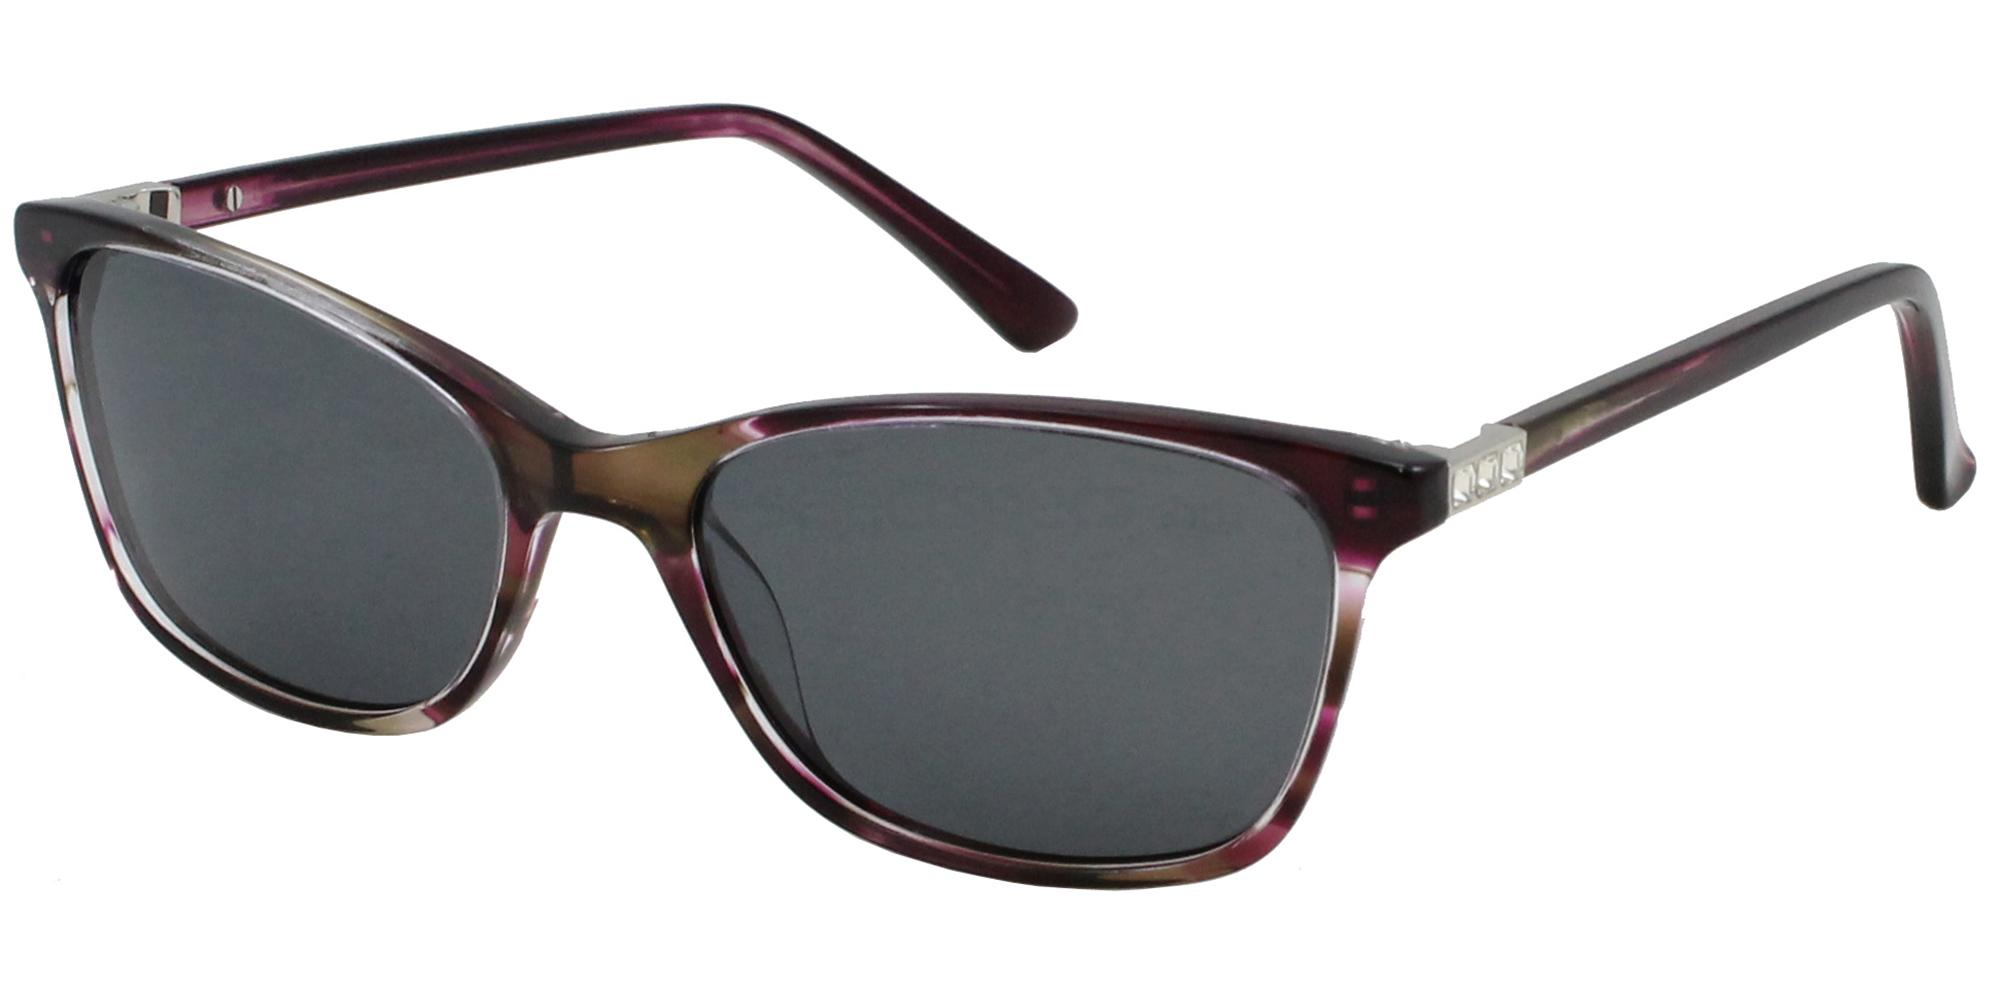 01 5022 Sunglasses, Hygge Denmark